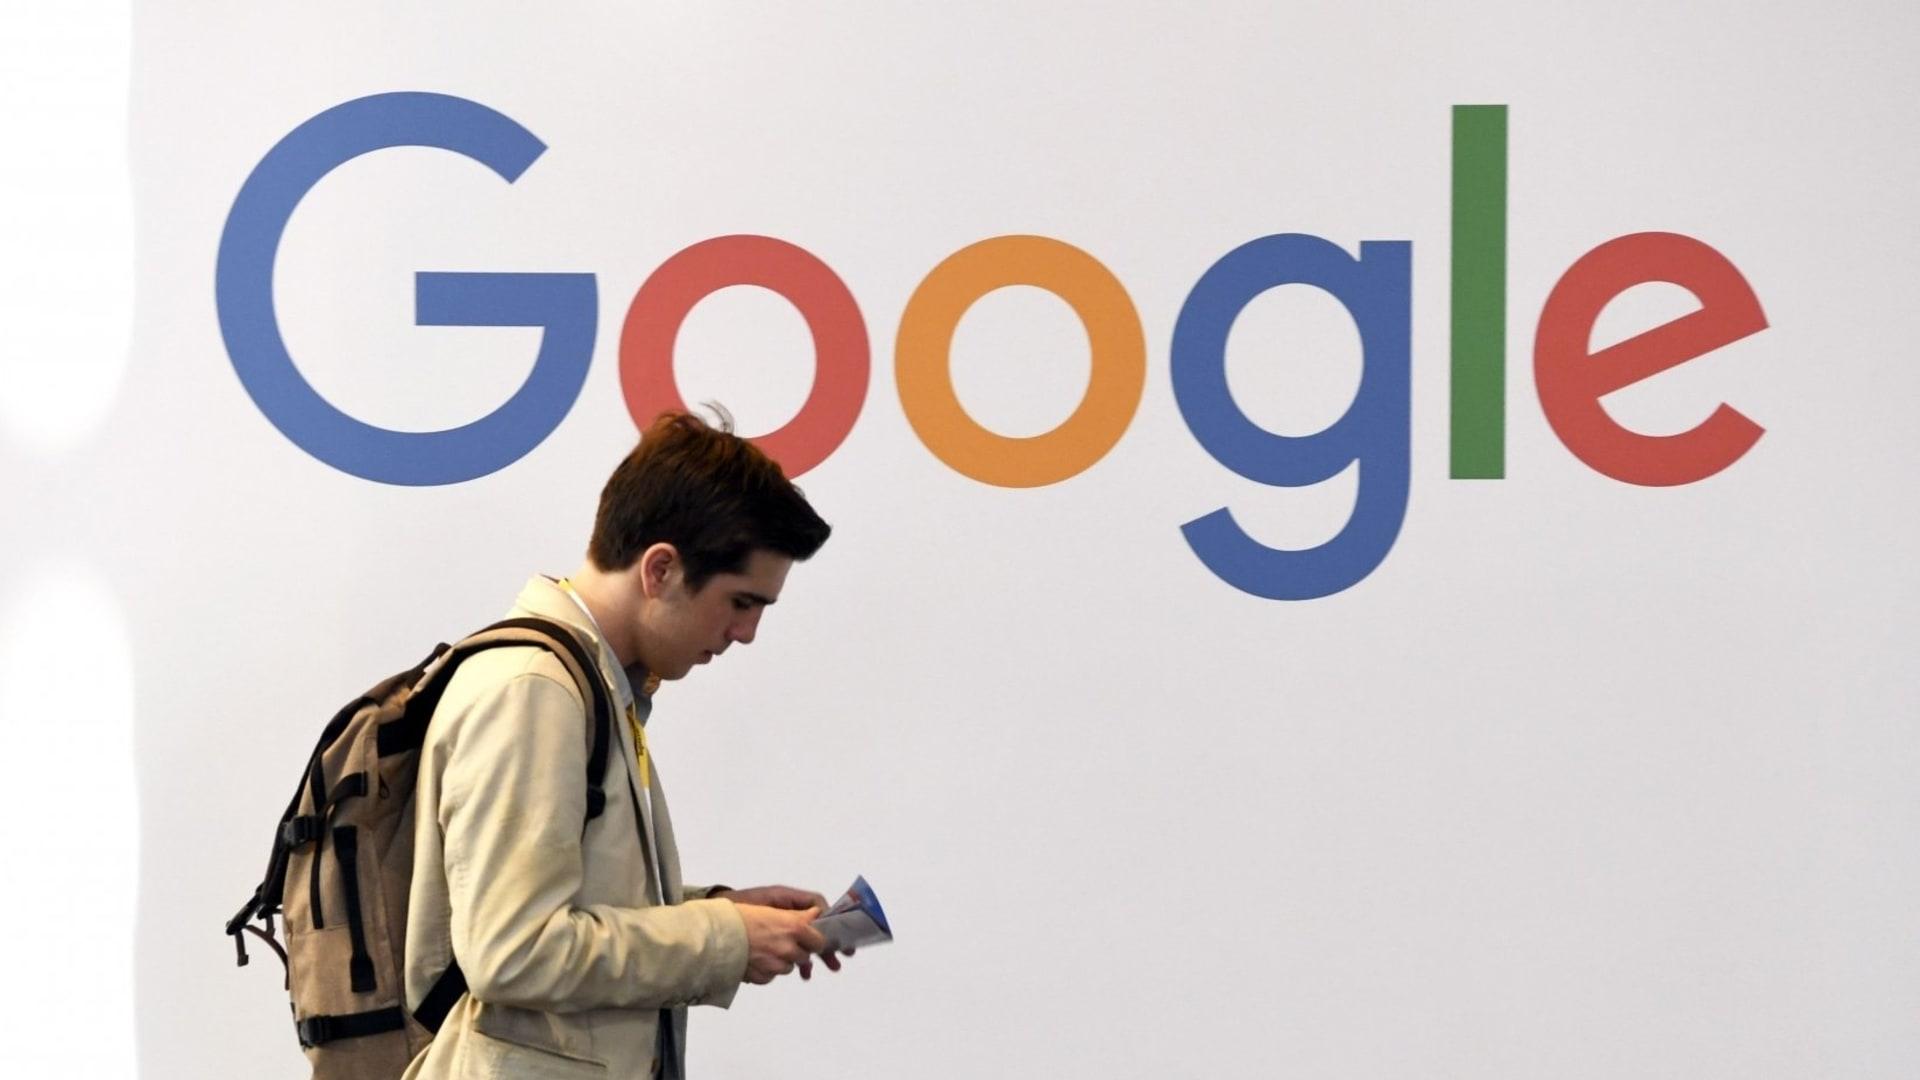 Google là một trong những tập đoàn công nghệ lớn tiên phong trong việc tạo ra các khóa học nghề lấy chứng chỉ để đào tạo nhân sự cho mình - Ảnh: Getty Images